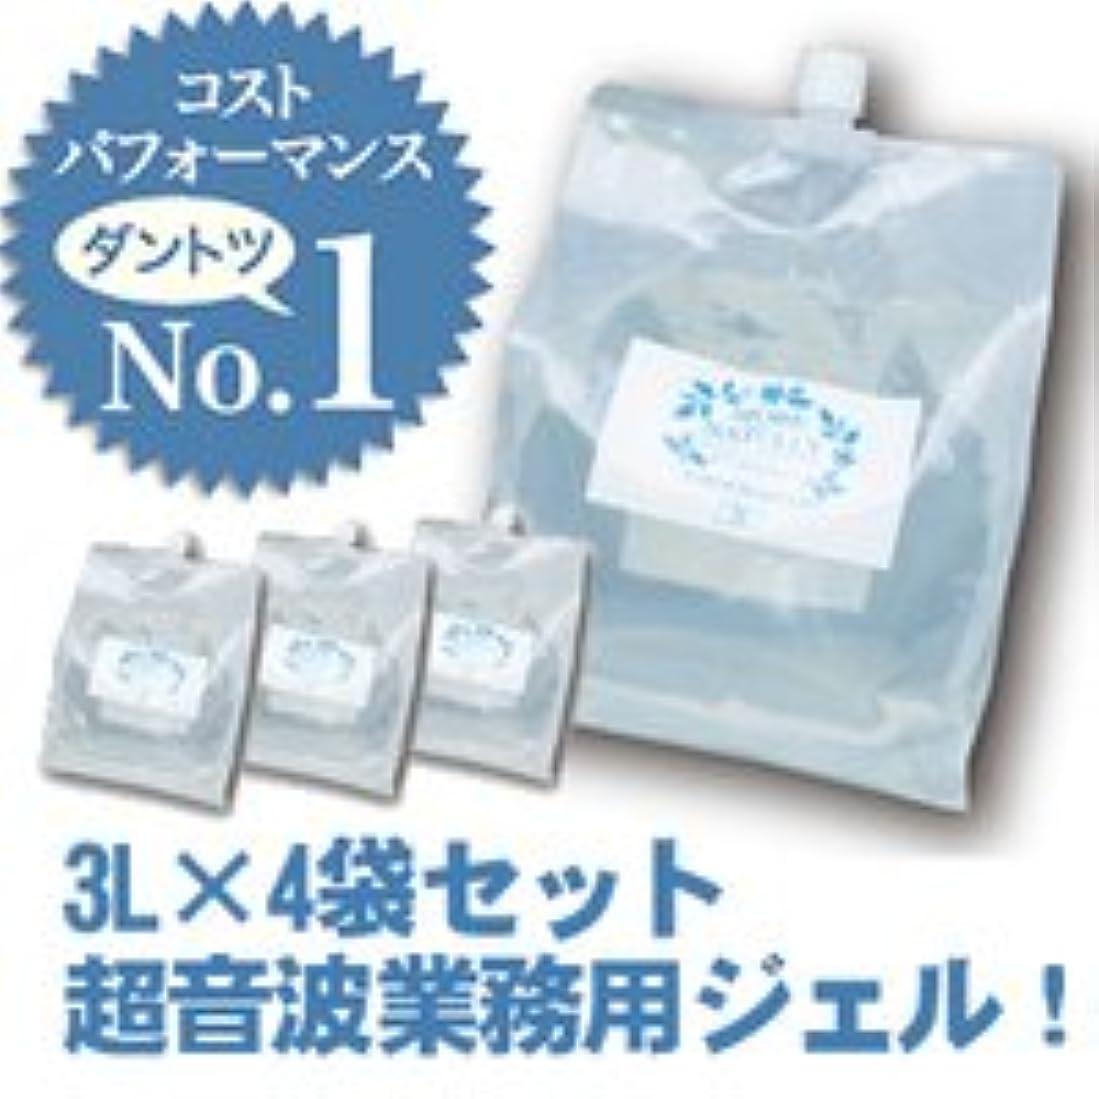 ふりをする廃止レディモアナチュリー キャビ&フラッシュジェル 4袋セット 3L×4袋 12Lスーパーハードタイプ